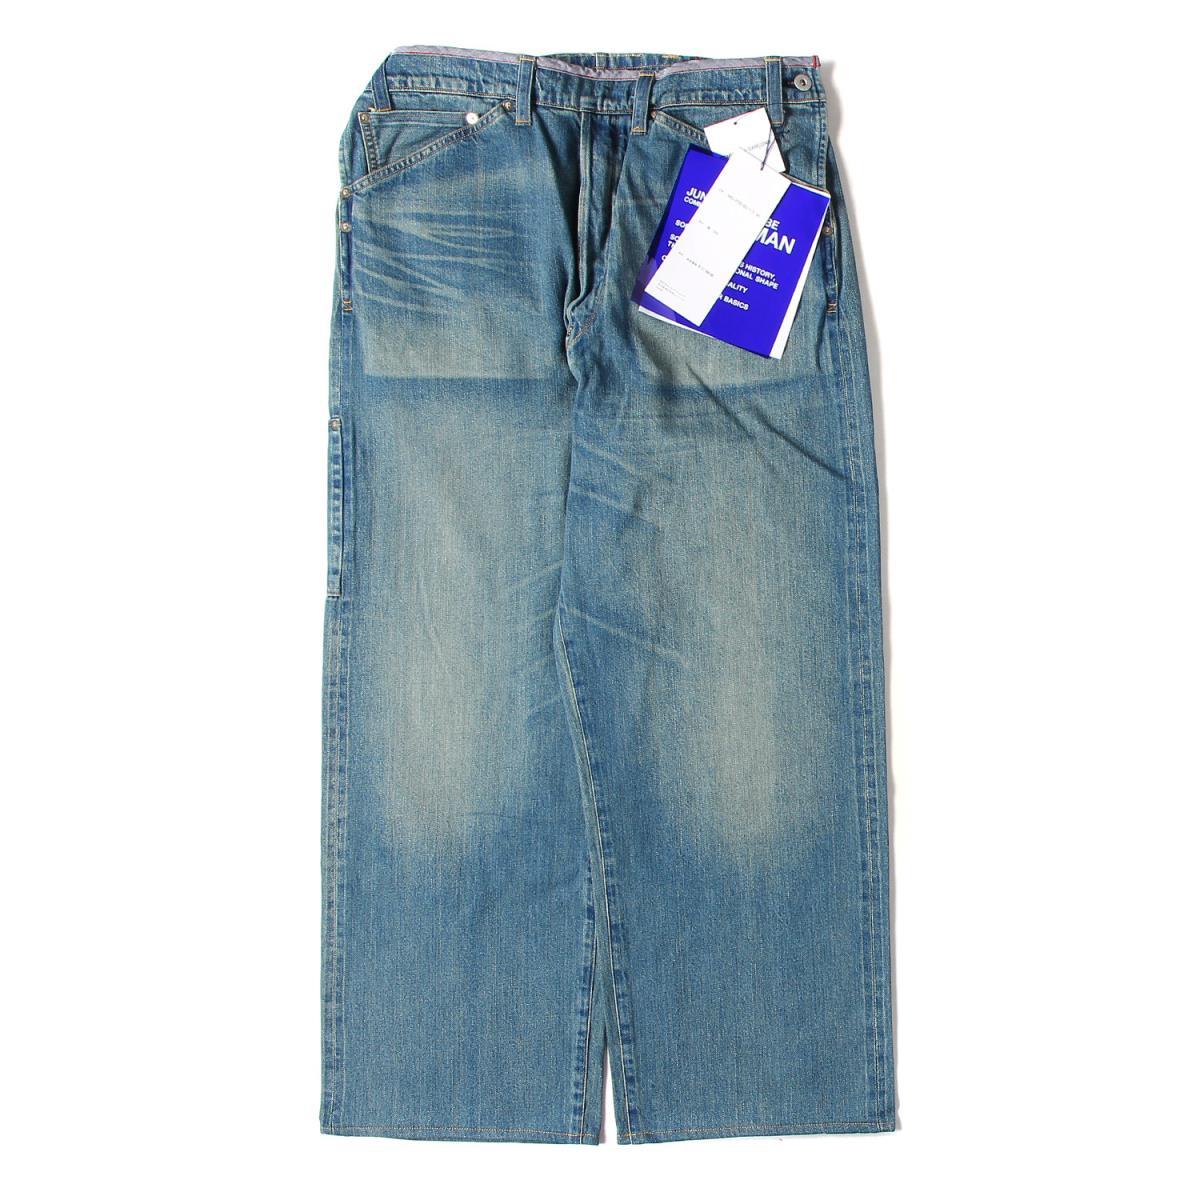 メンズファッション, ズボン・パンツ JUNYA WATANABE MAN COMME des GARCONS 19AW Levis AD2019 M K2540